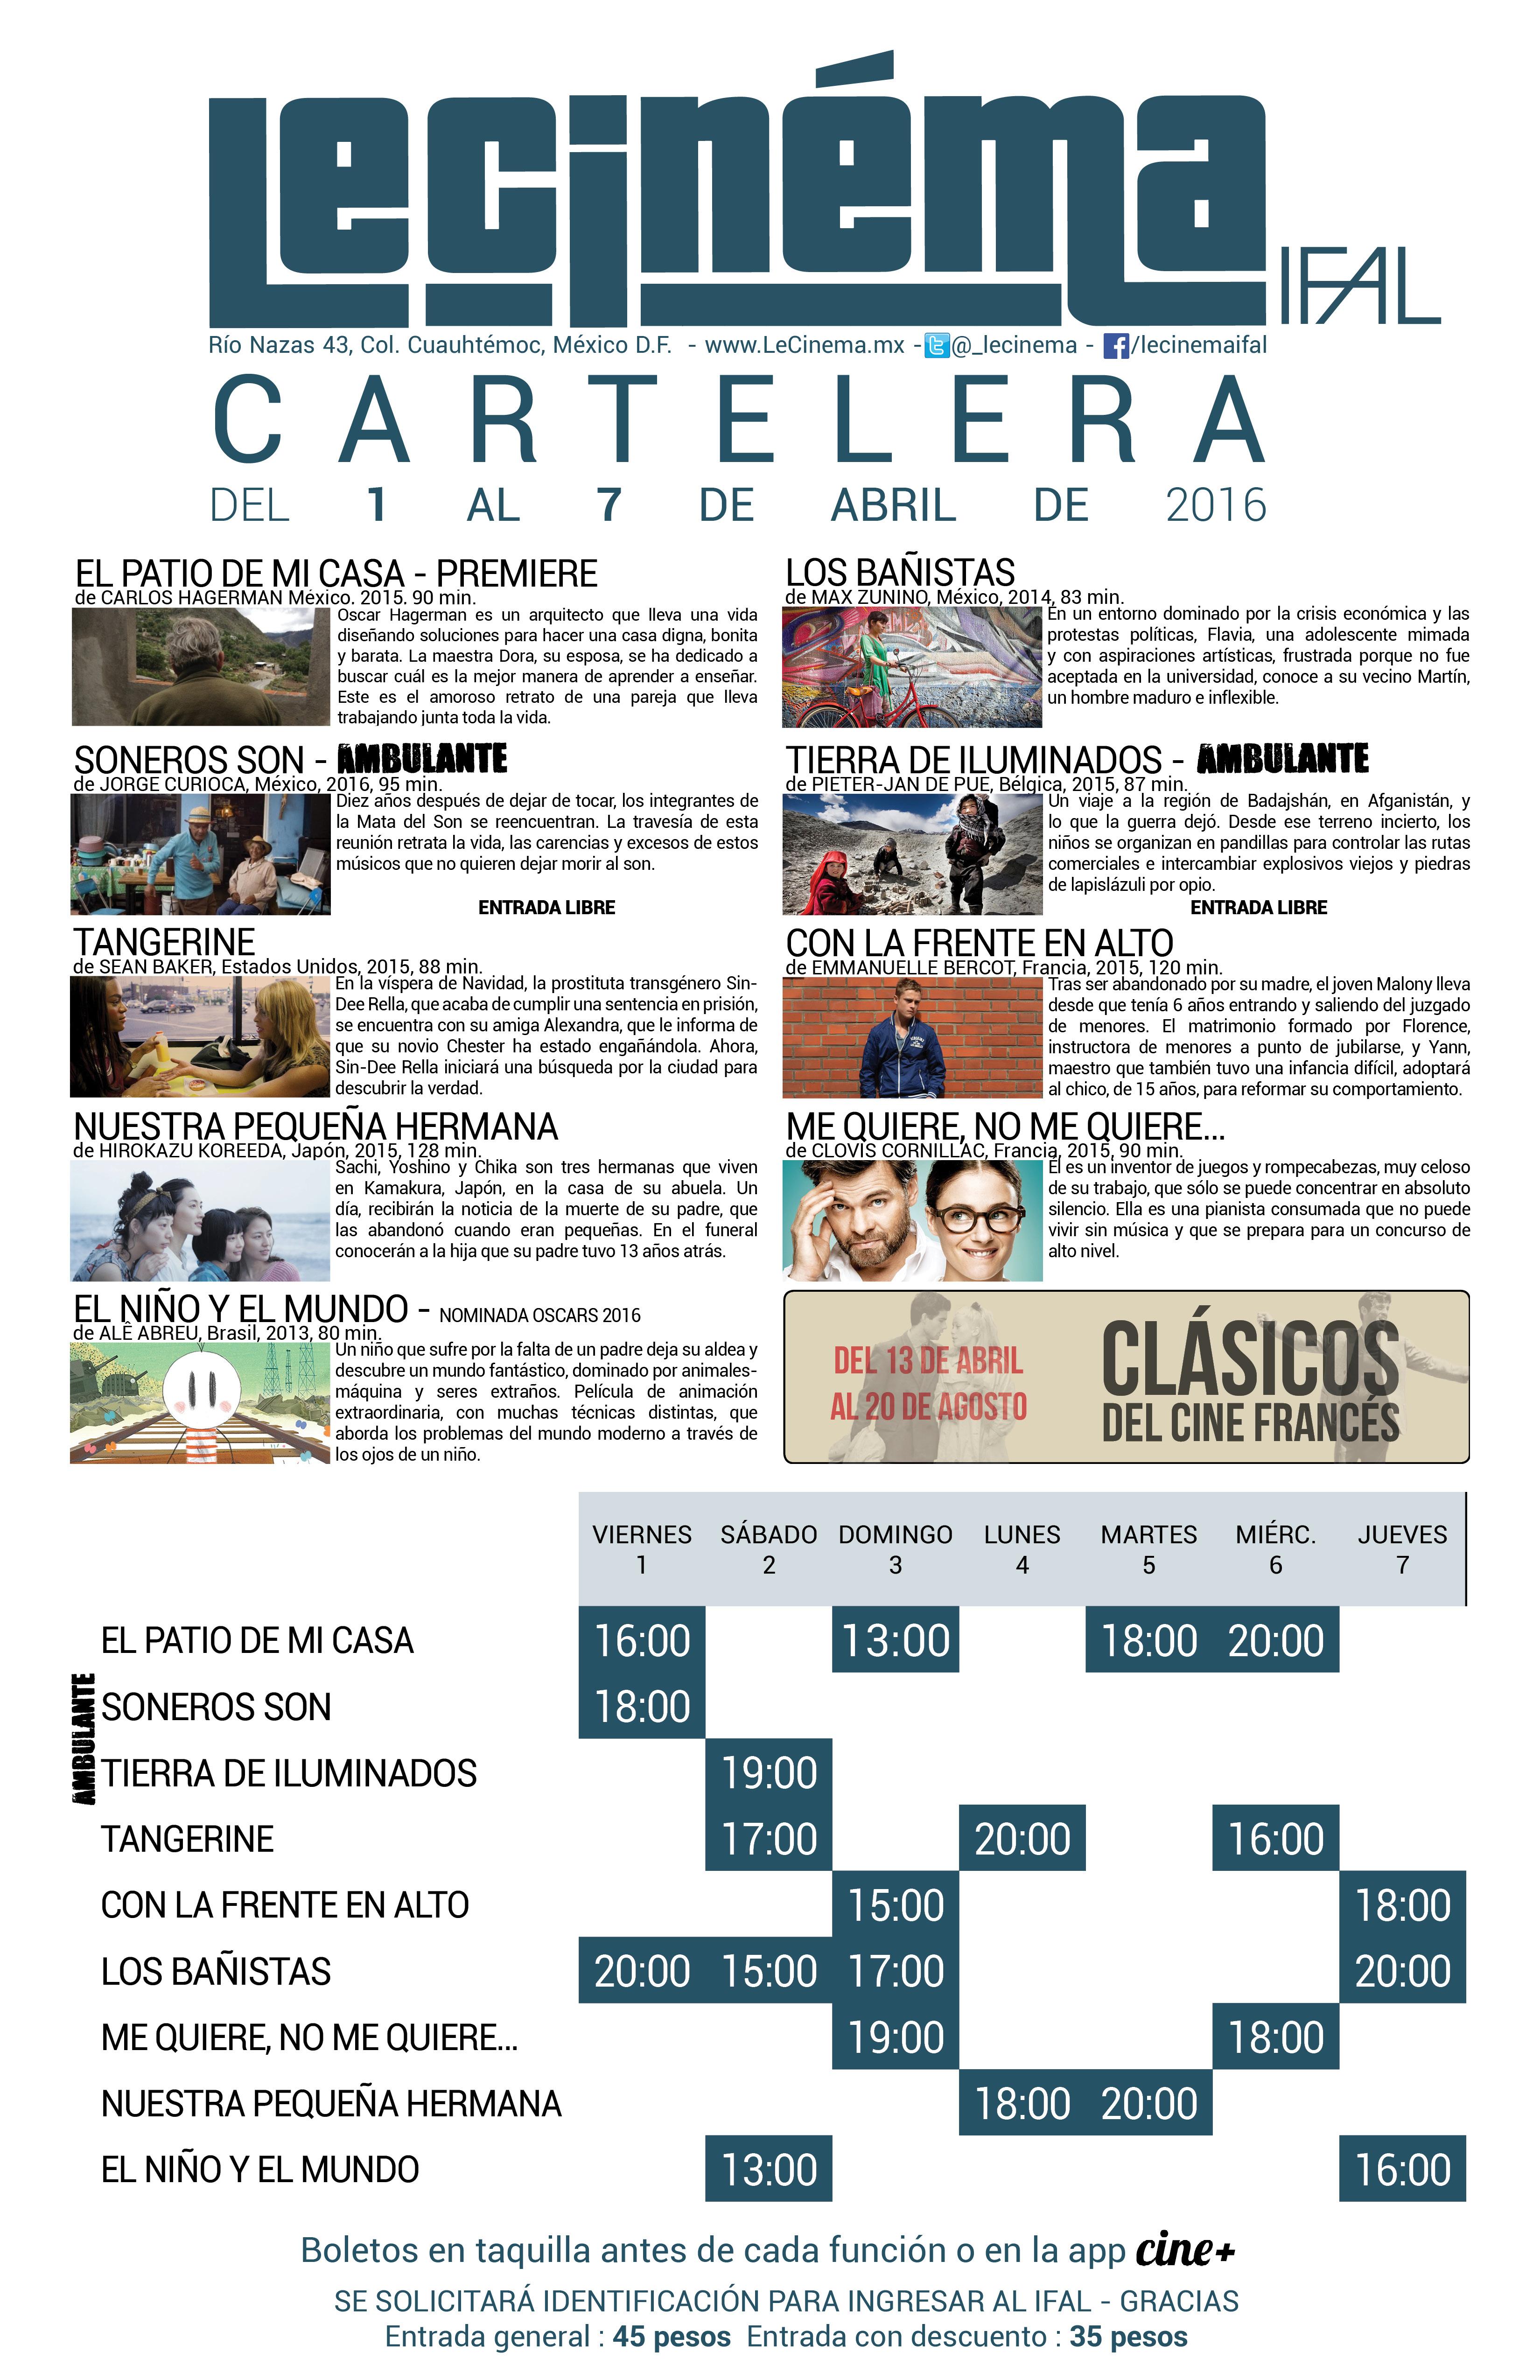 cartelera_16-04-01